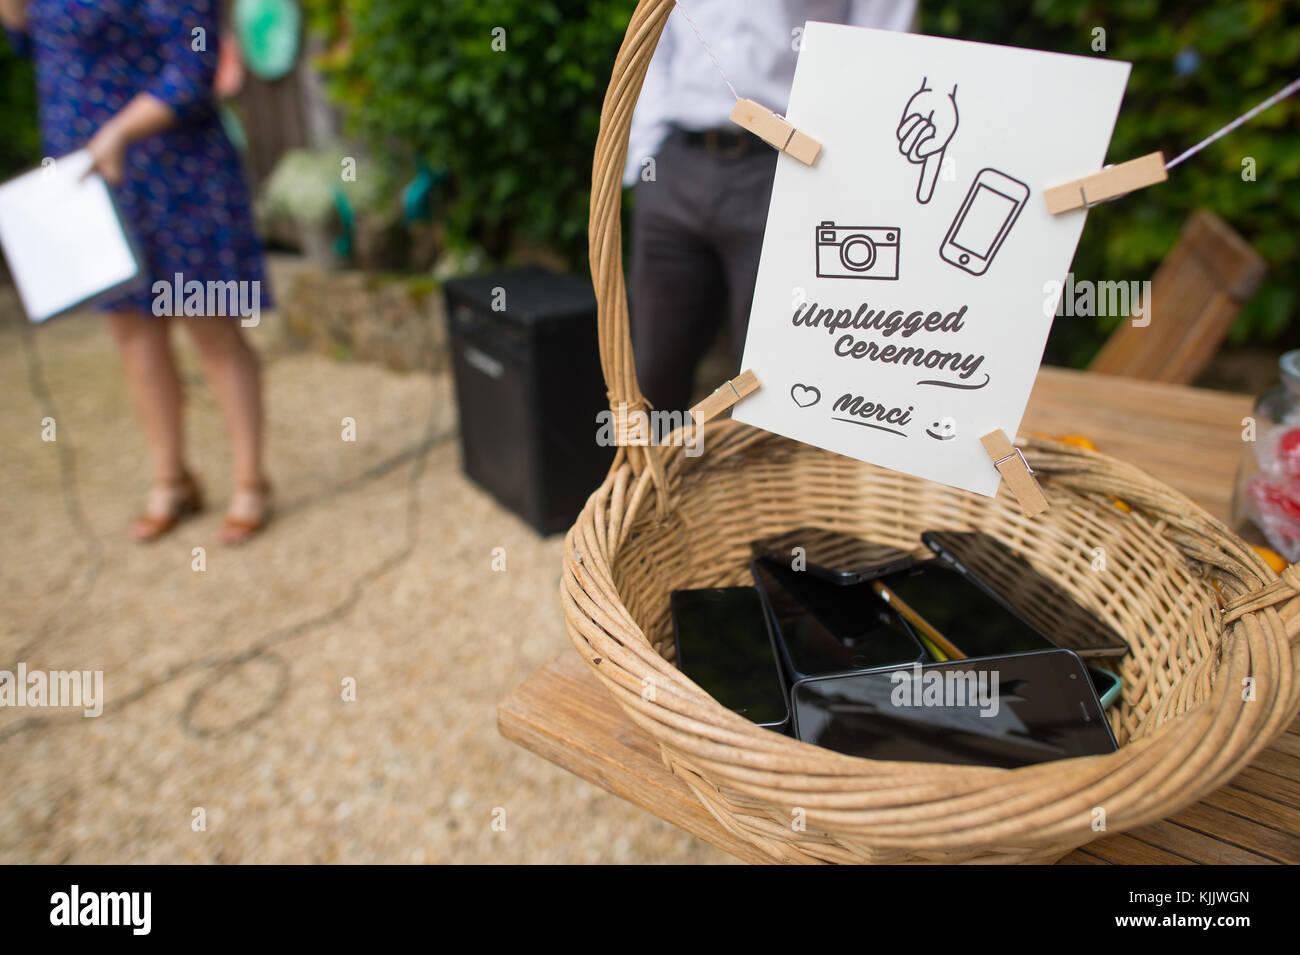 Canasta de teléfono celular. Francia. Imagen De Stock